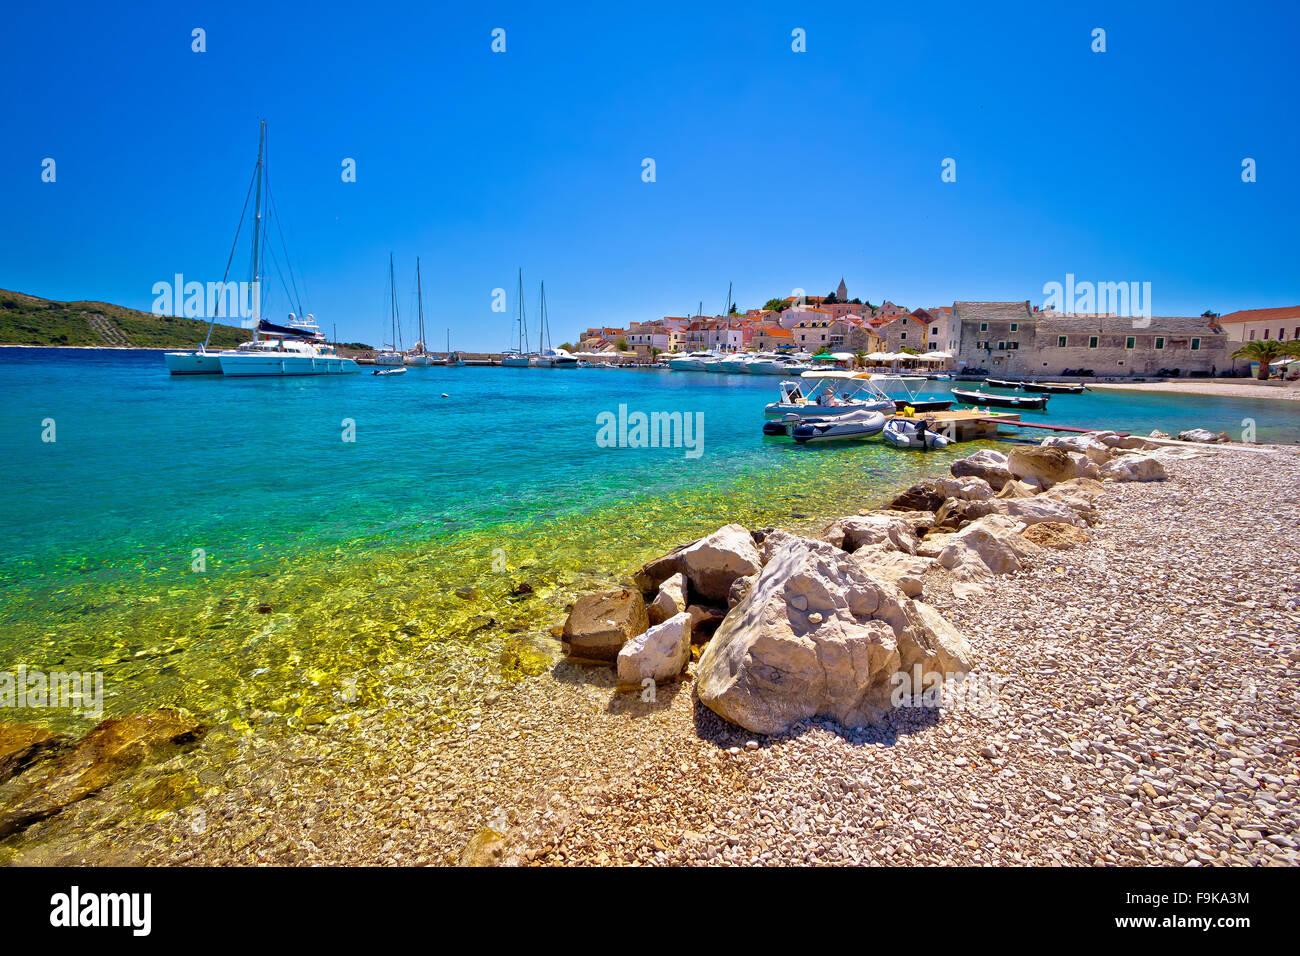 Beach of Adriatic town Primosten, Dalmatia, Croatia - Stock Image